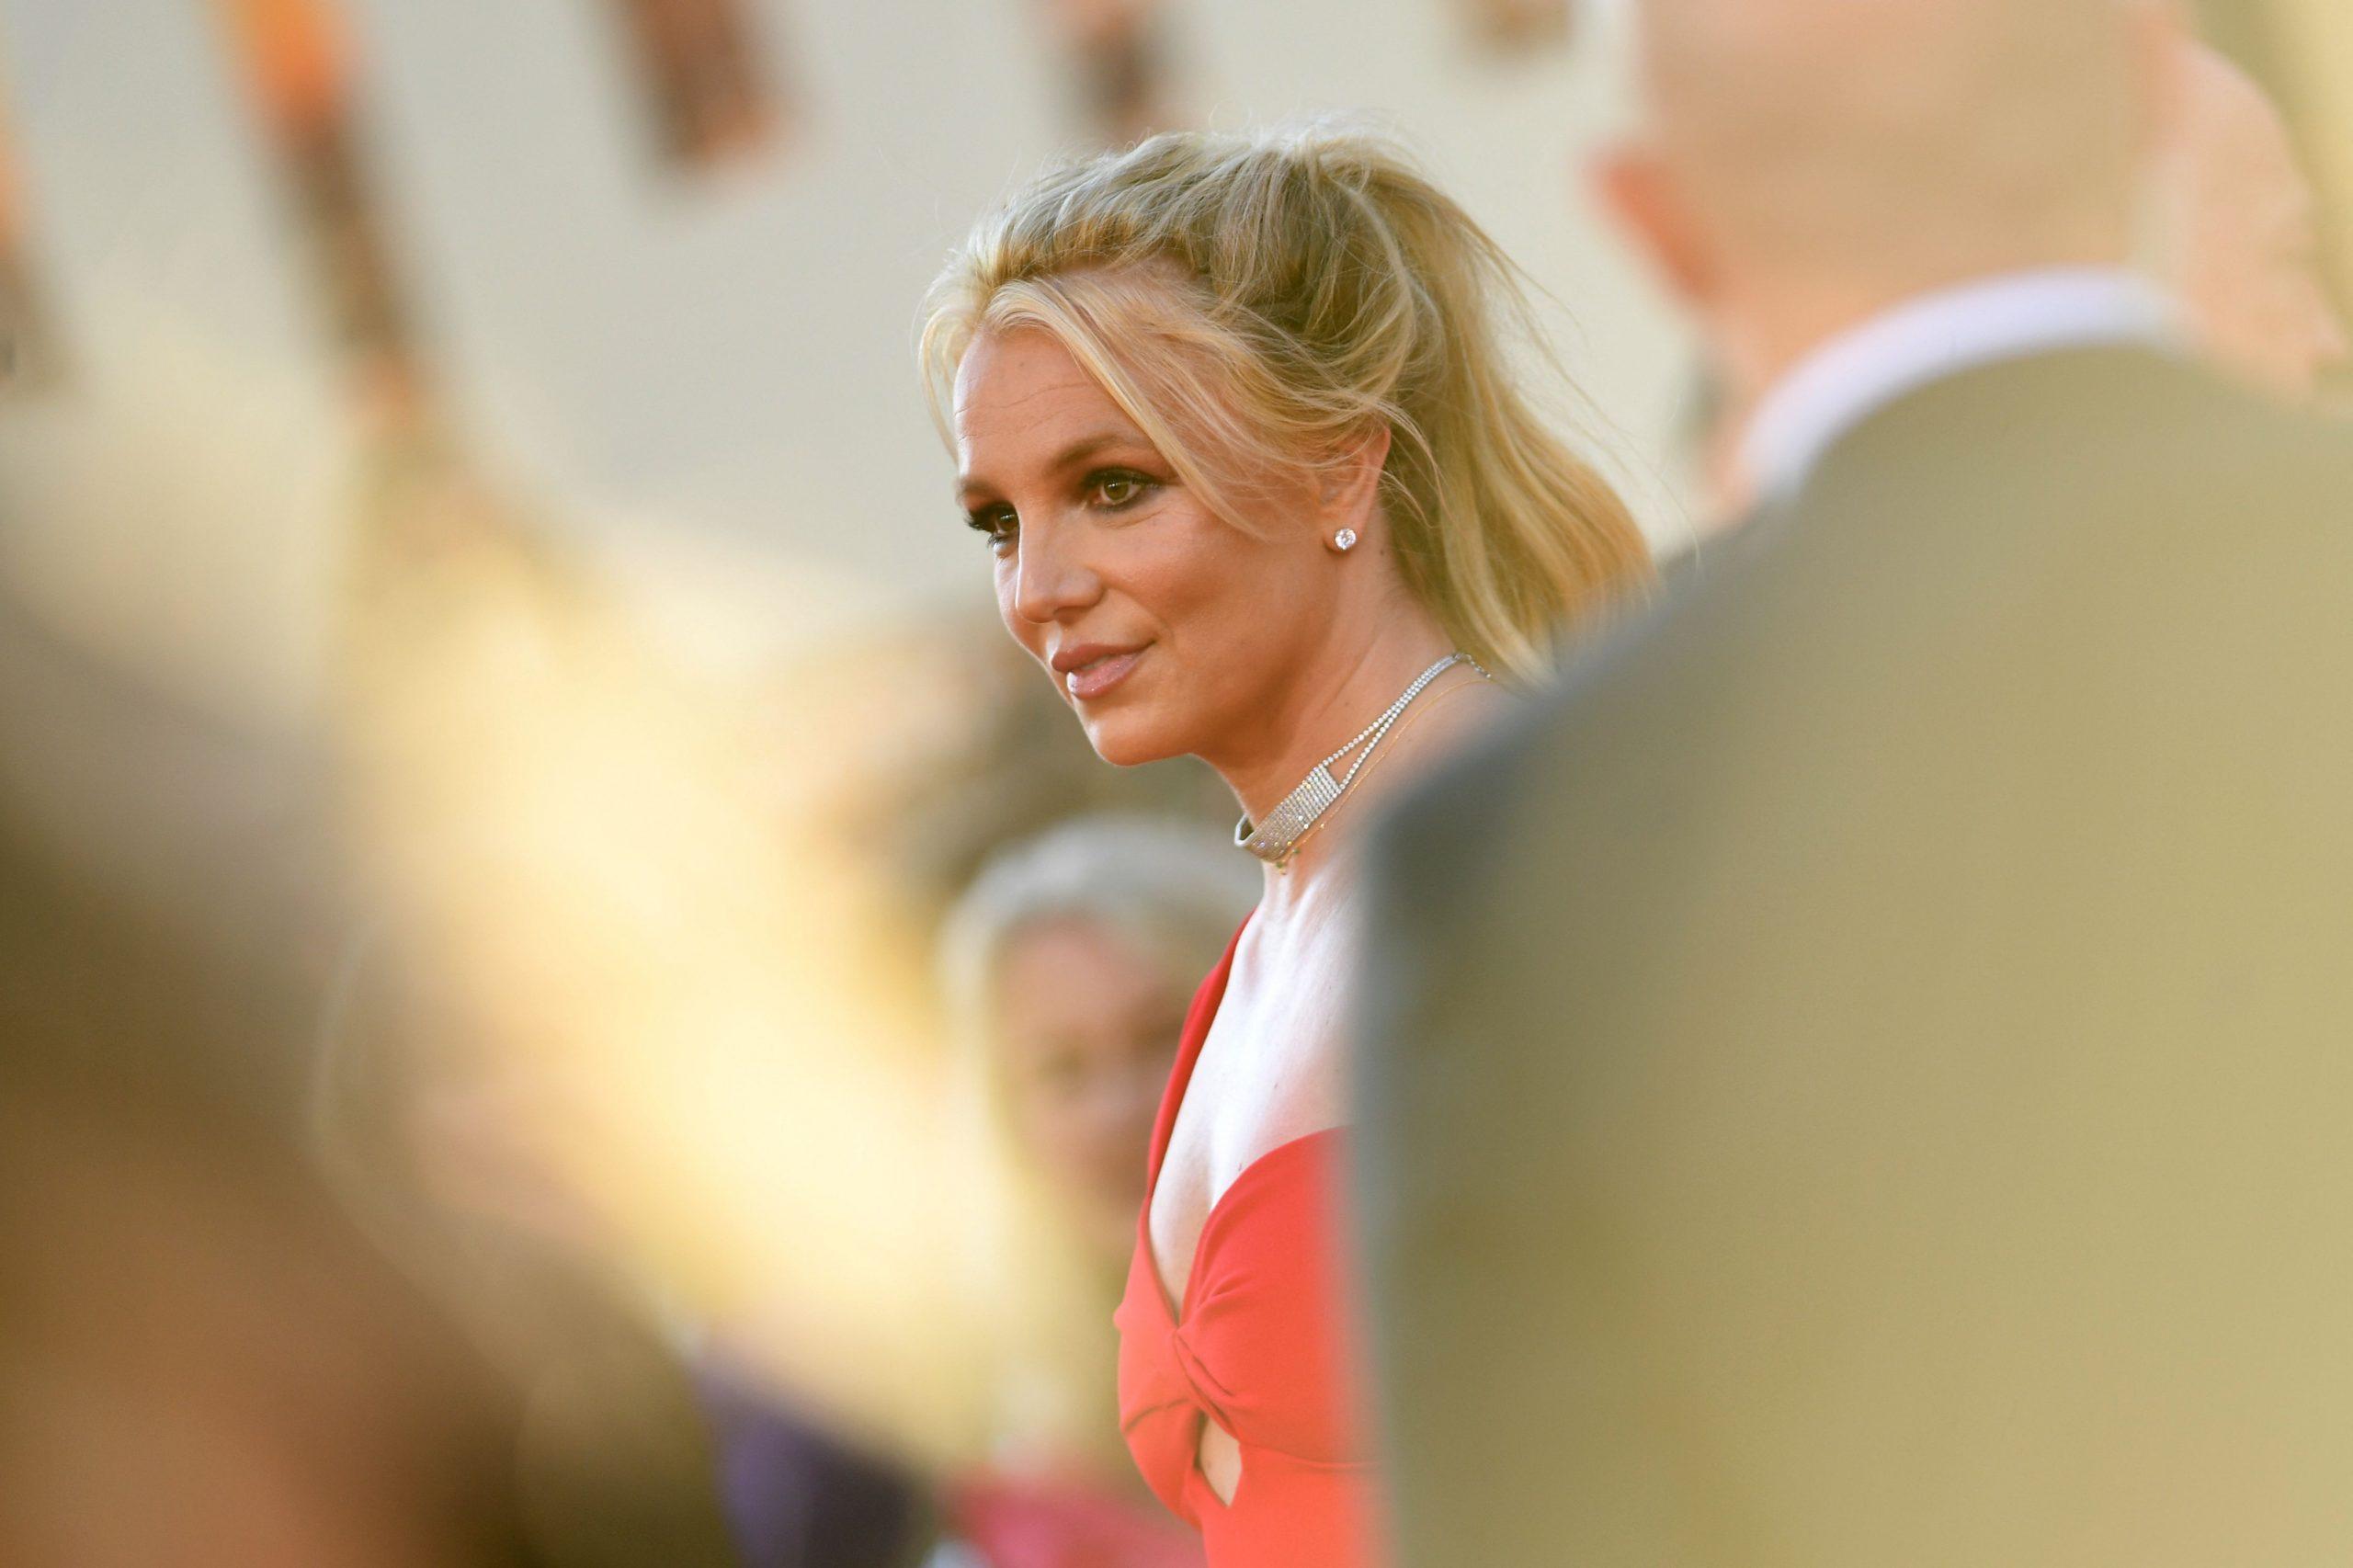 Britney Spears dice que está enfocada en sanar después de un proceso legal por el que ha pasado - Prensa Libre